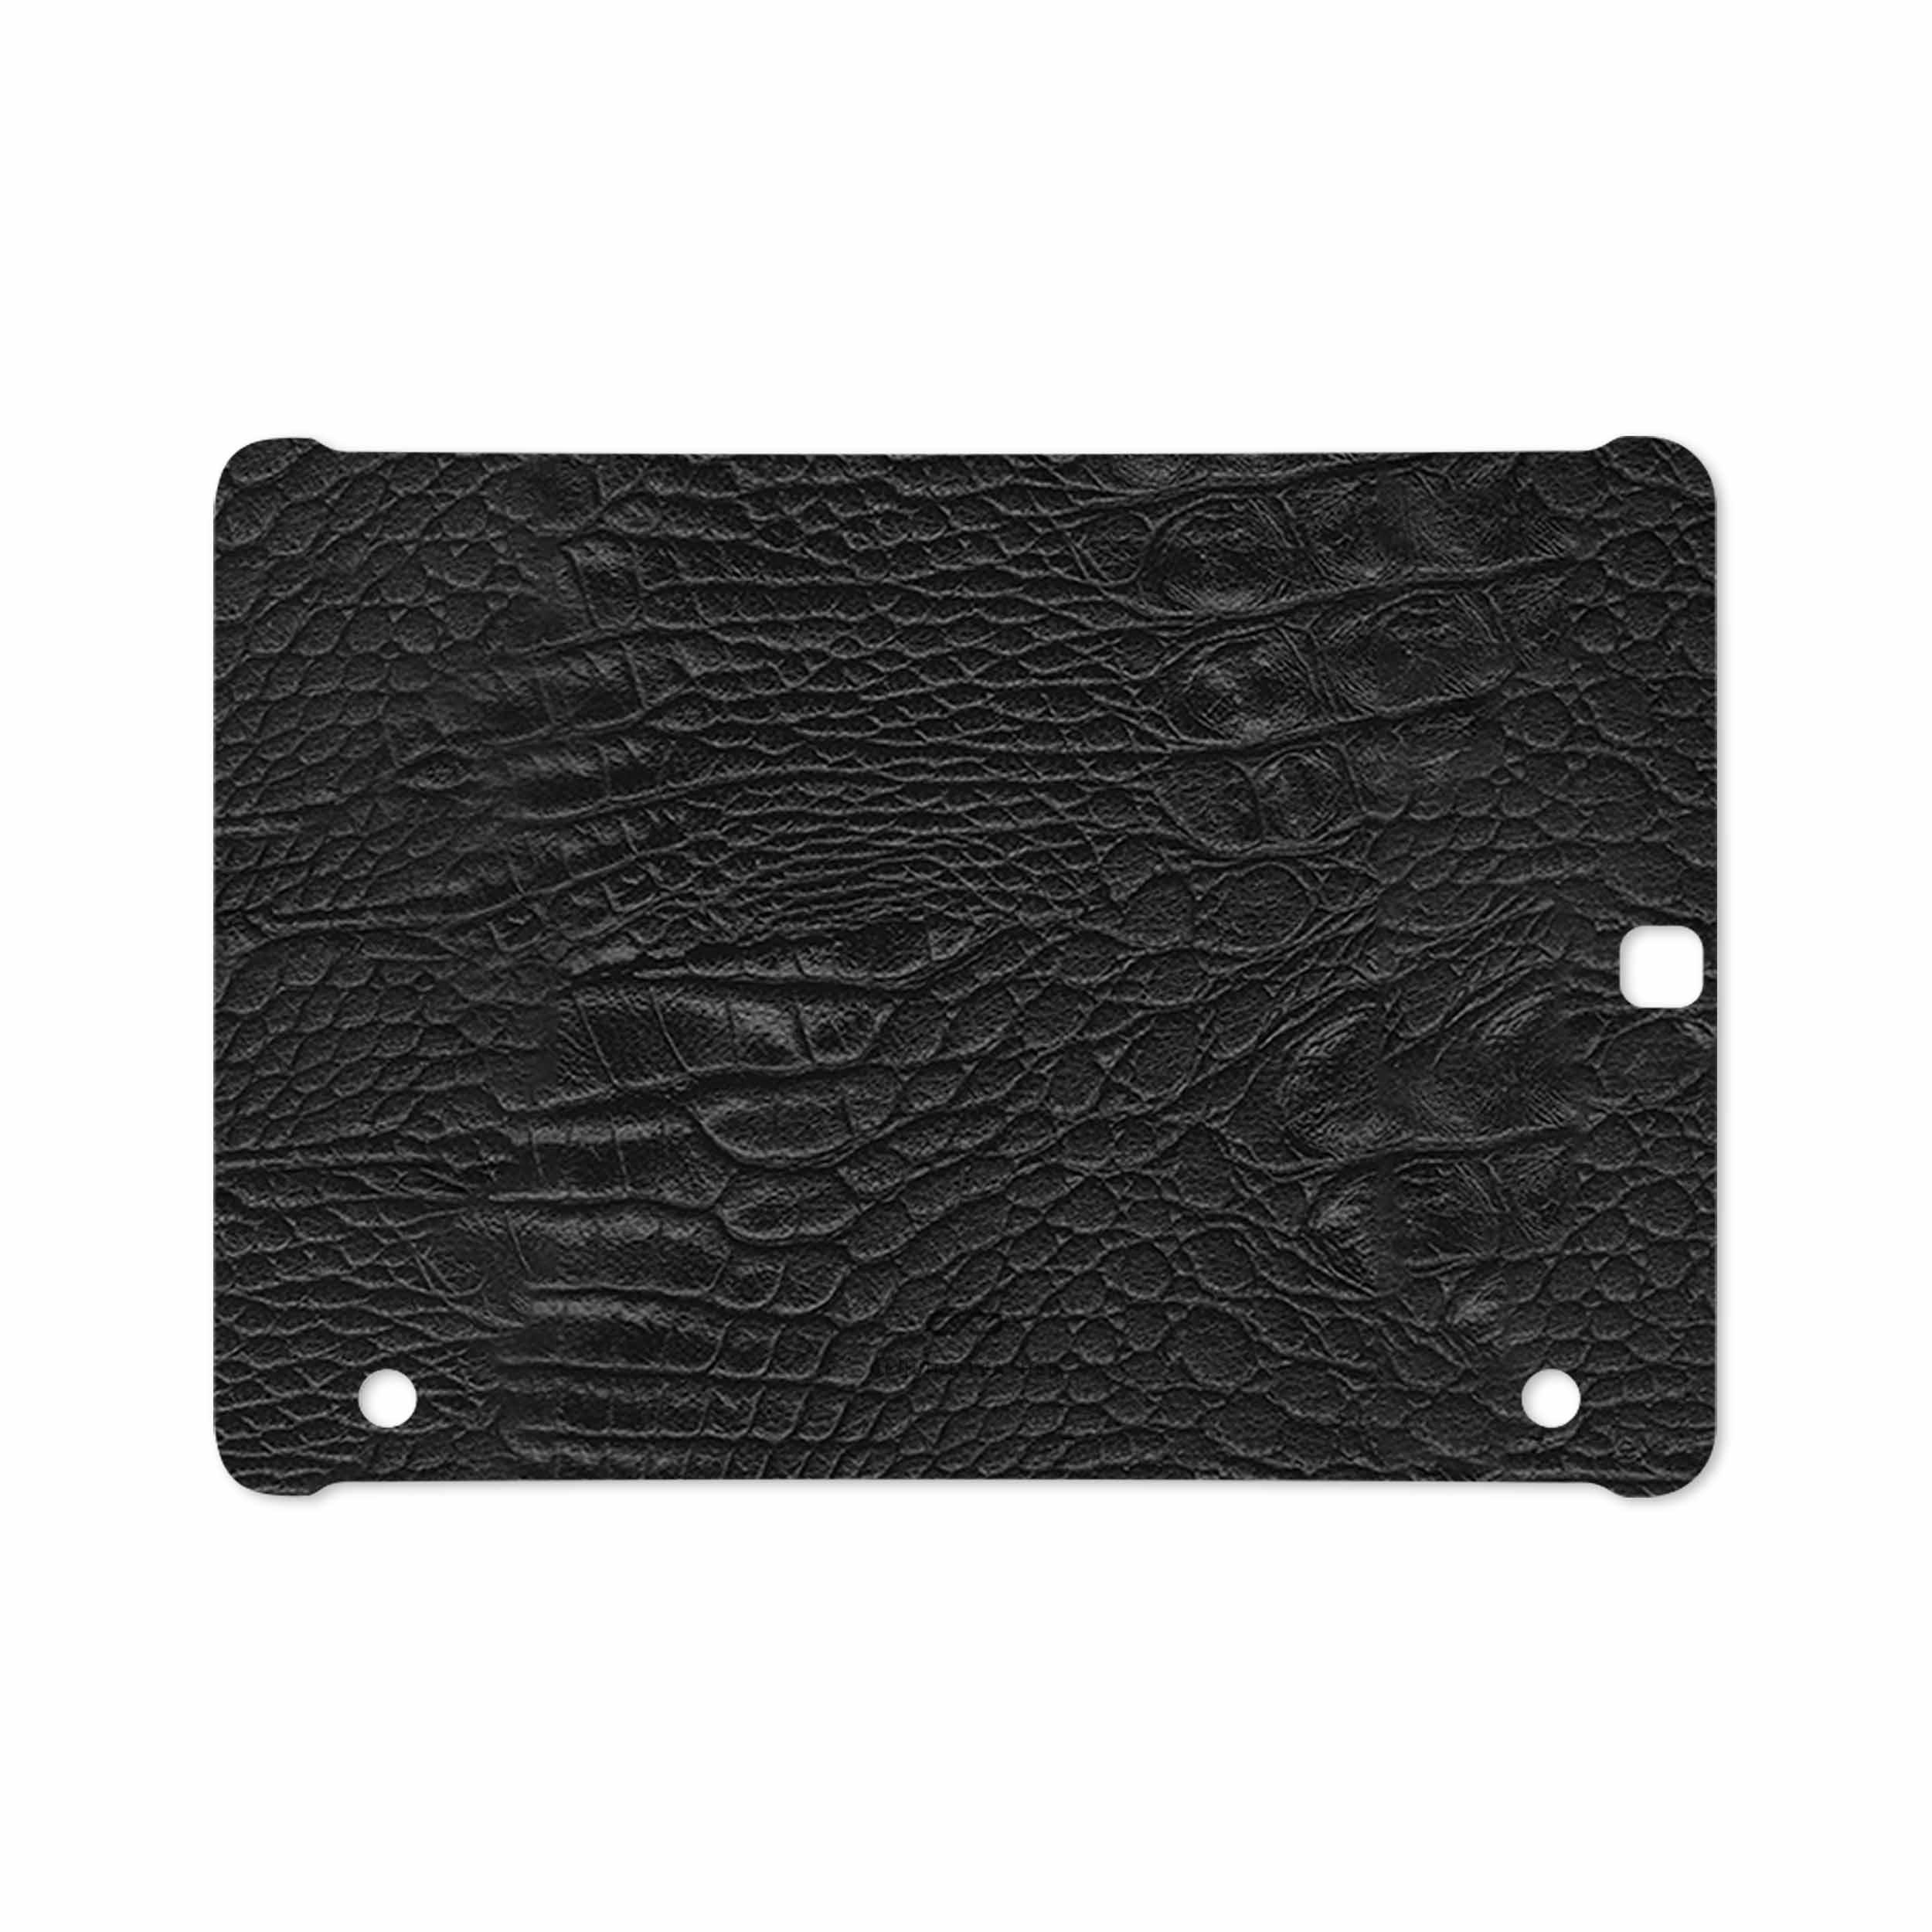 بررسی و خرید [با تخفیف]                                     برچسب پوششی ماهوت مدل Black-Crocodile-Leather مناسب برای تبلت سامسونگ Galaxy Tab S2 9.7 2016 T813N                             اورجینال